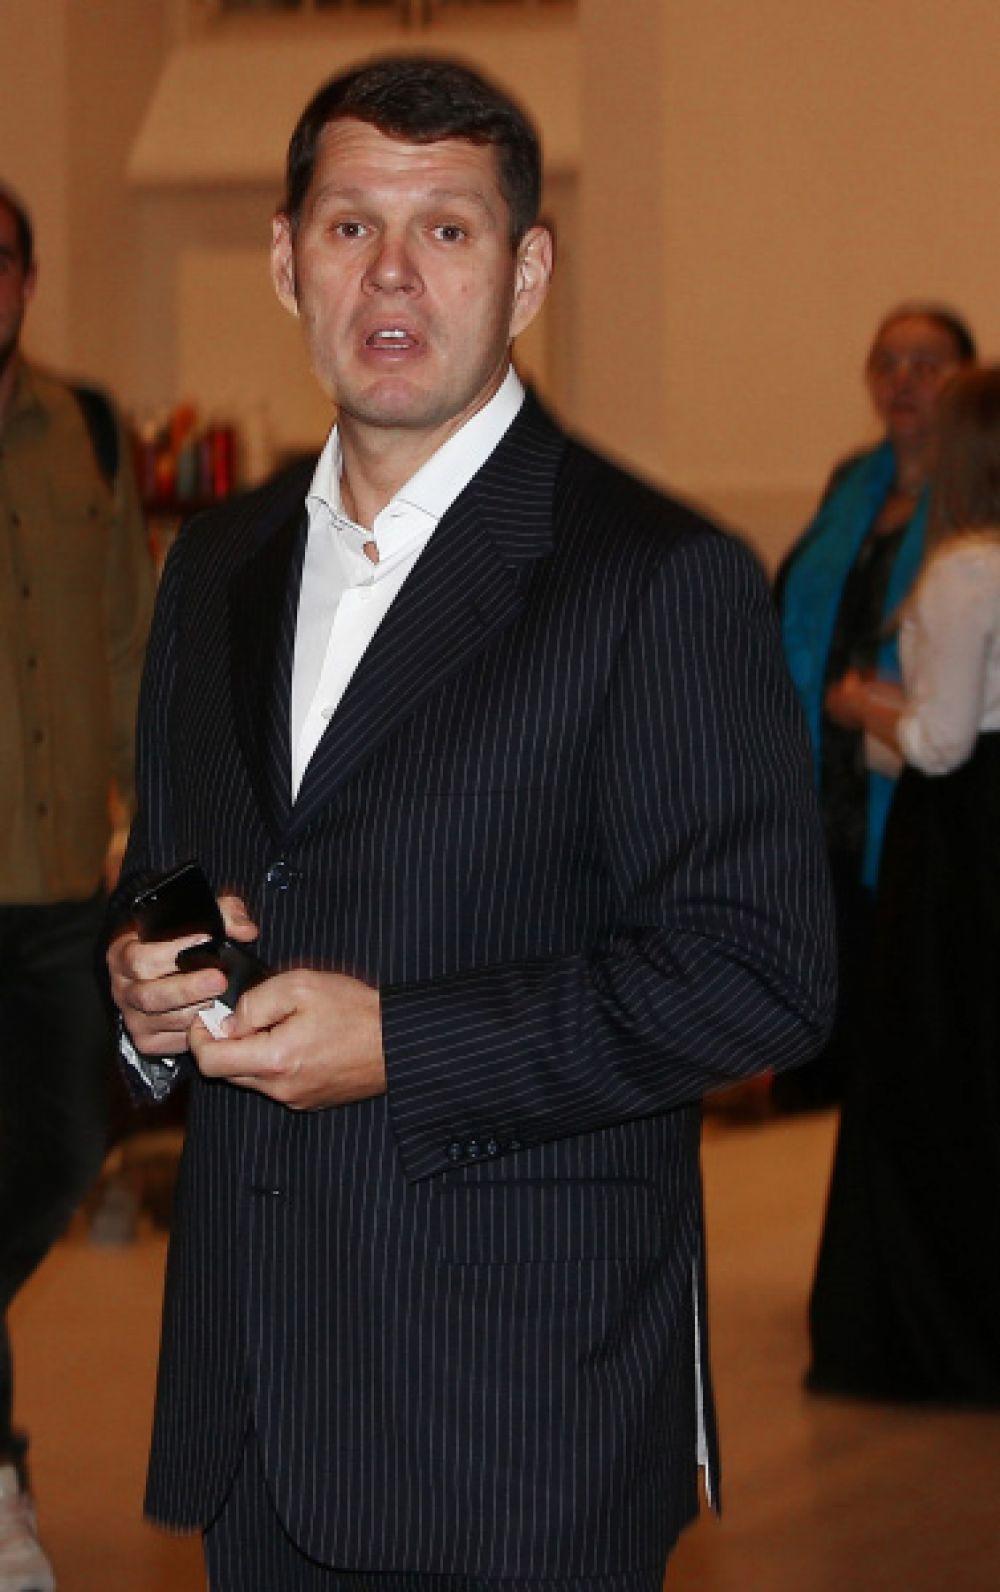 Александр Светаков уже был женат, но в 2009 году развёлся. Сейчас состояние 46-летнего бизнесмена оценивается в $3,1 млрд. У Светакова трое детей.